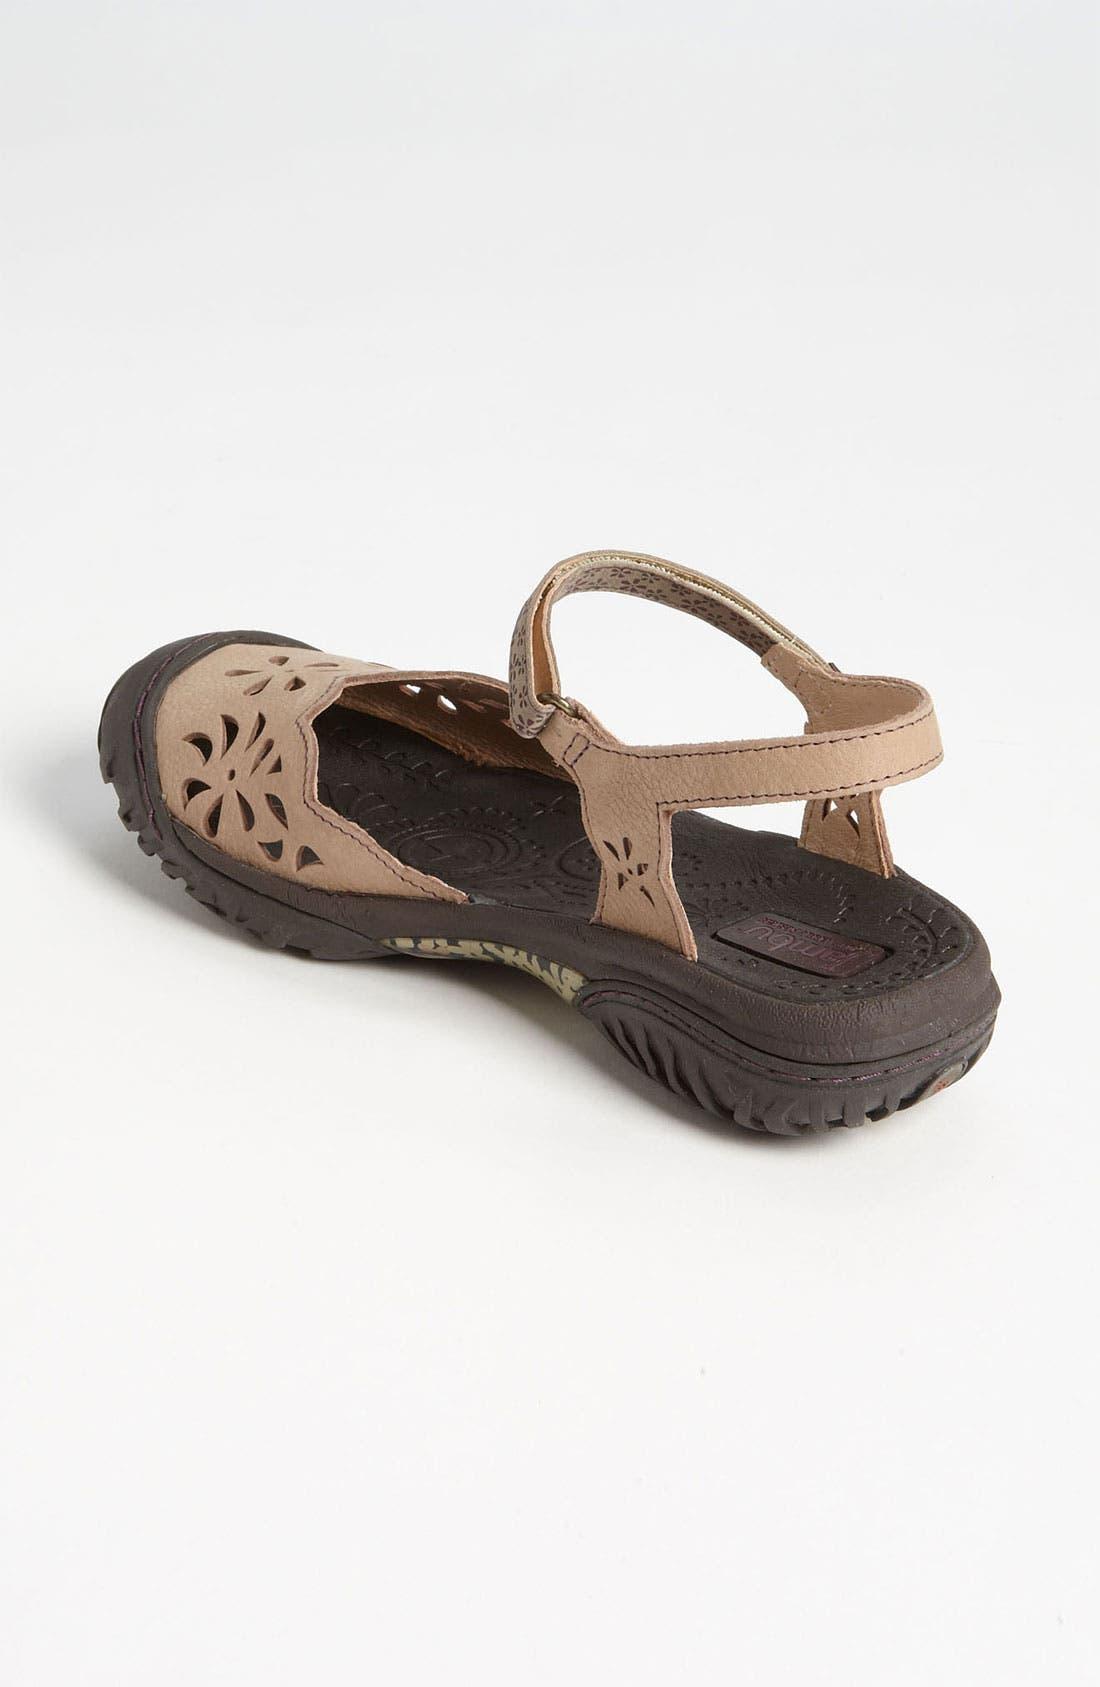 Alternate Image 1 Selected - Jambu 'Ocean' Sandal